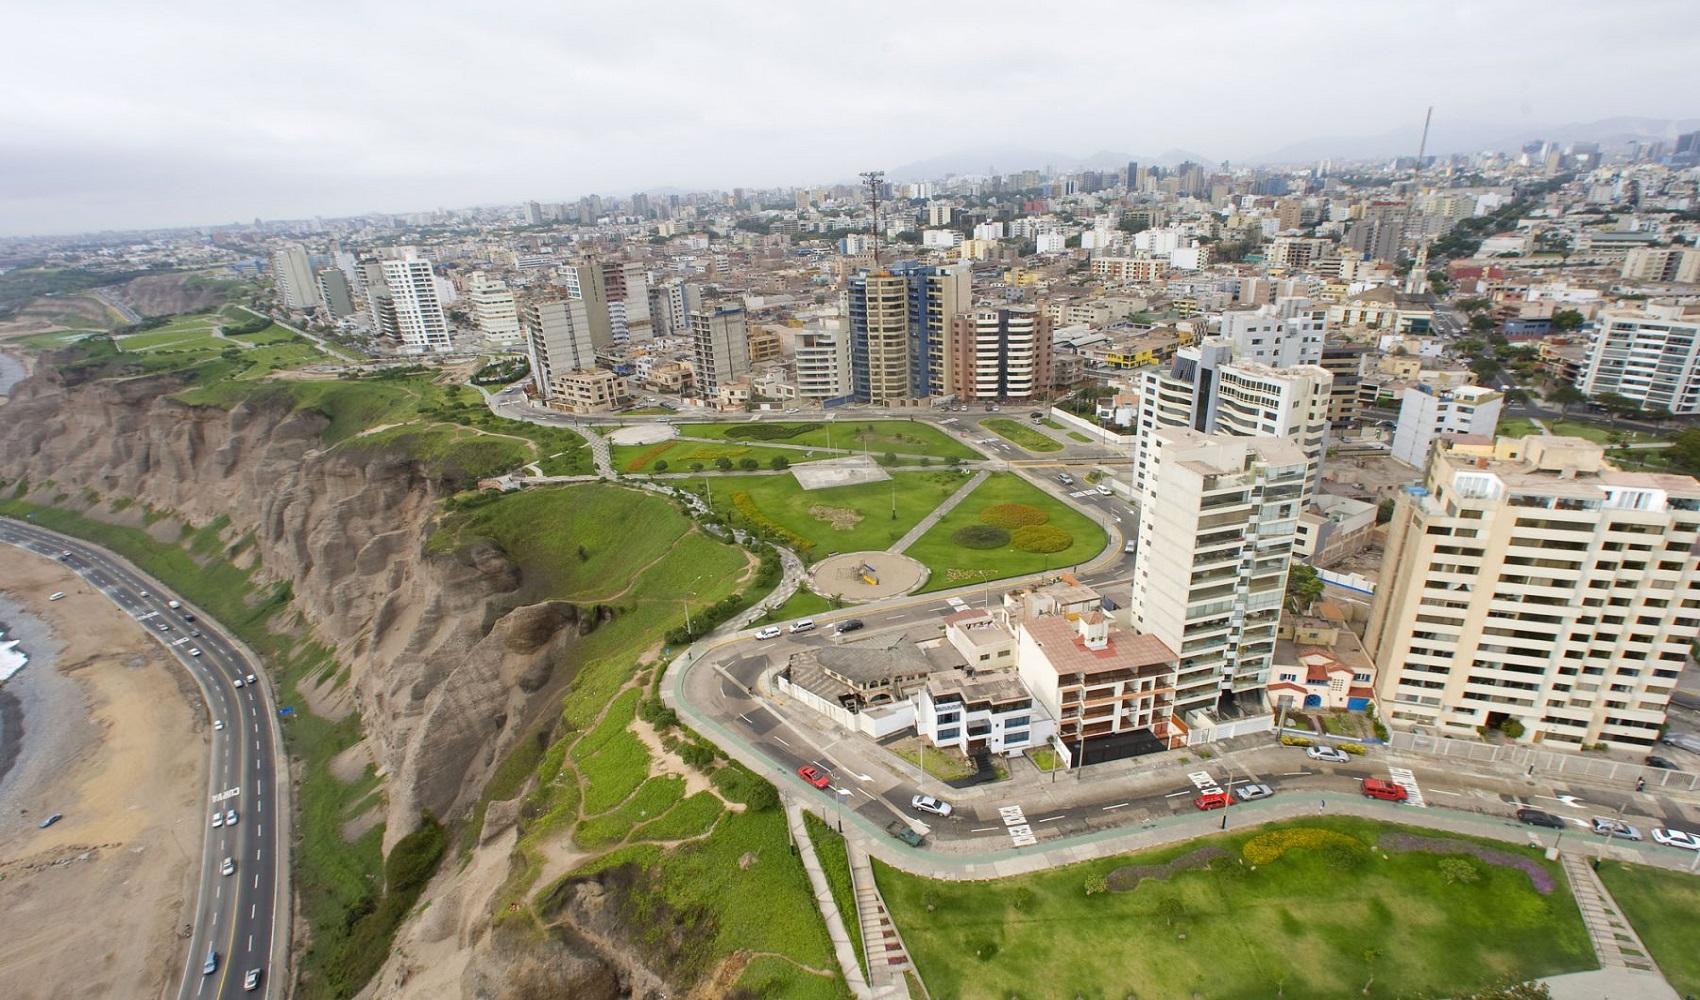 Un 50% de distritos de Lima y Callao tienen estudios de riesgo sísmico